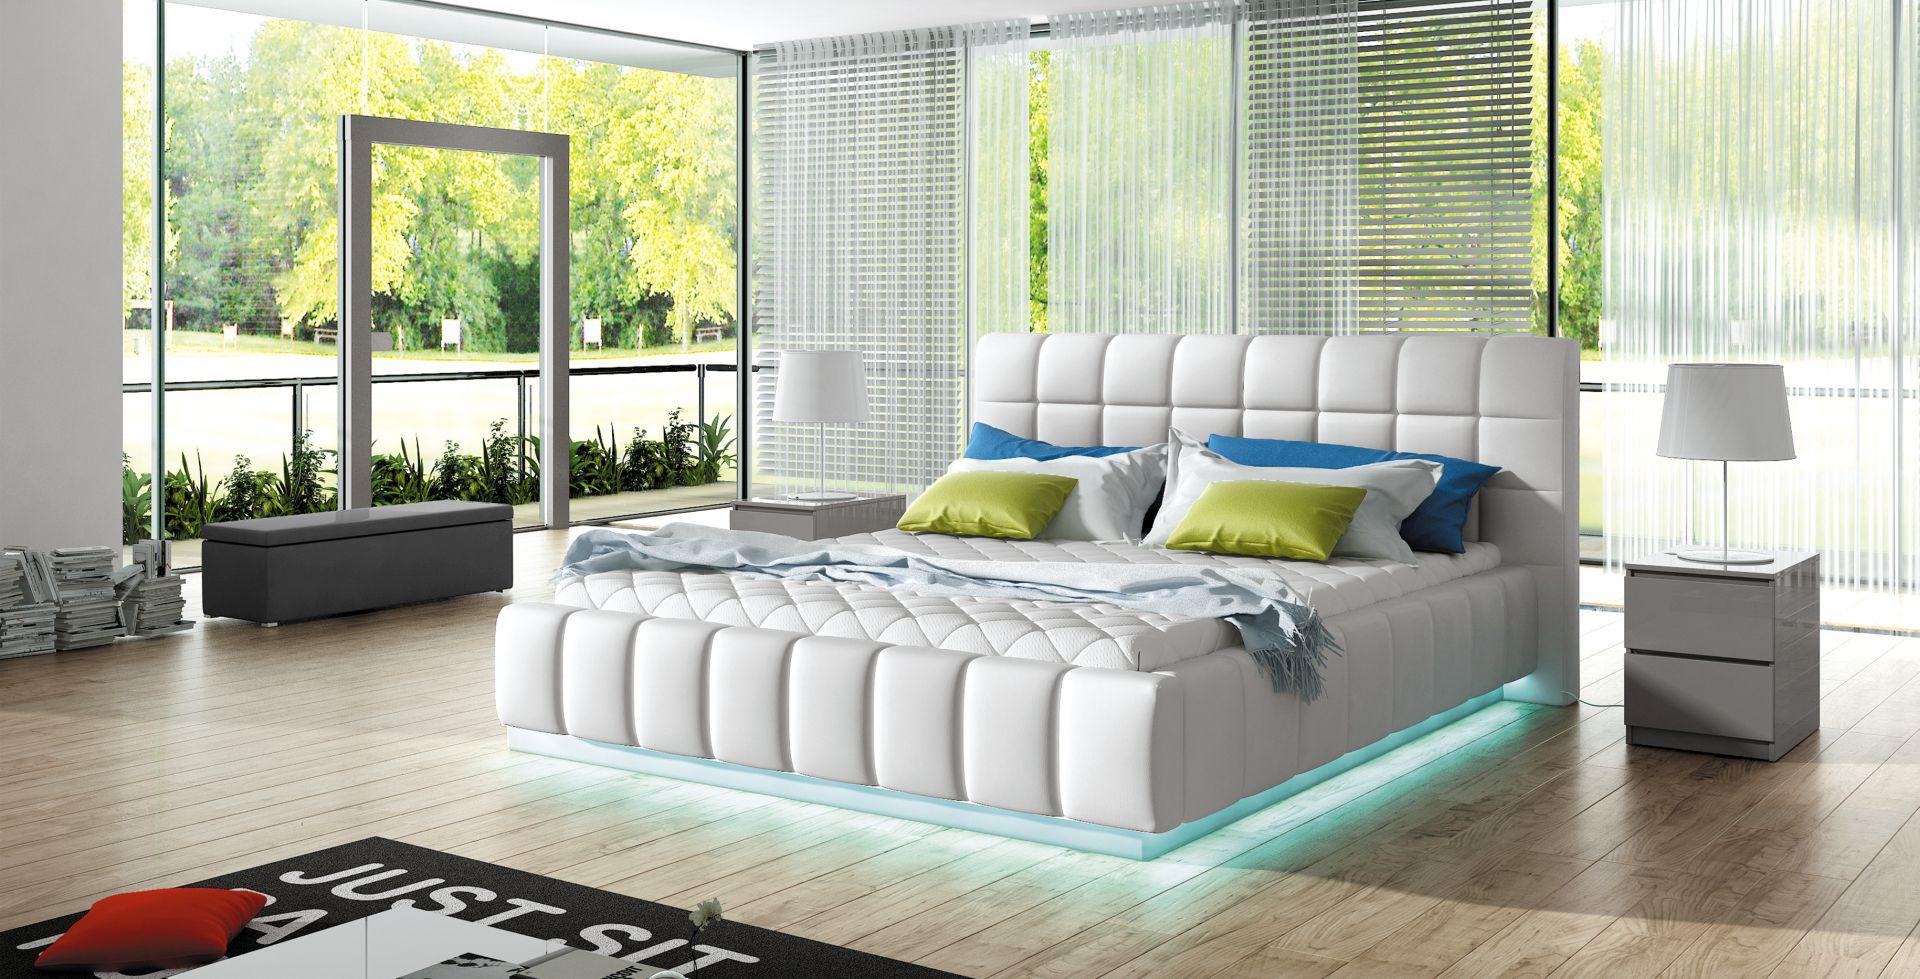 Wersal Manželská posteľ Prato rozmer: 140 x 200 cm